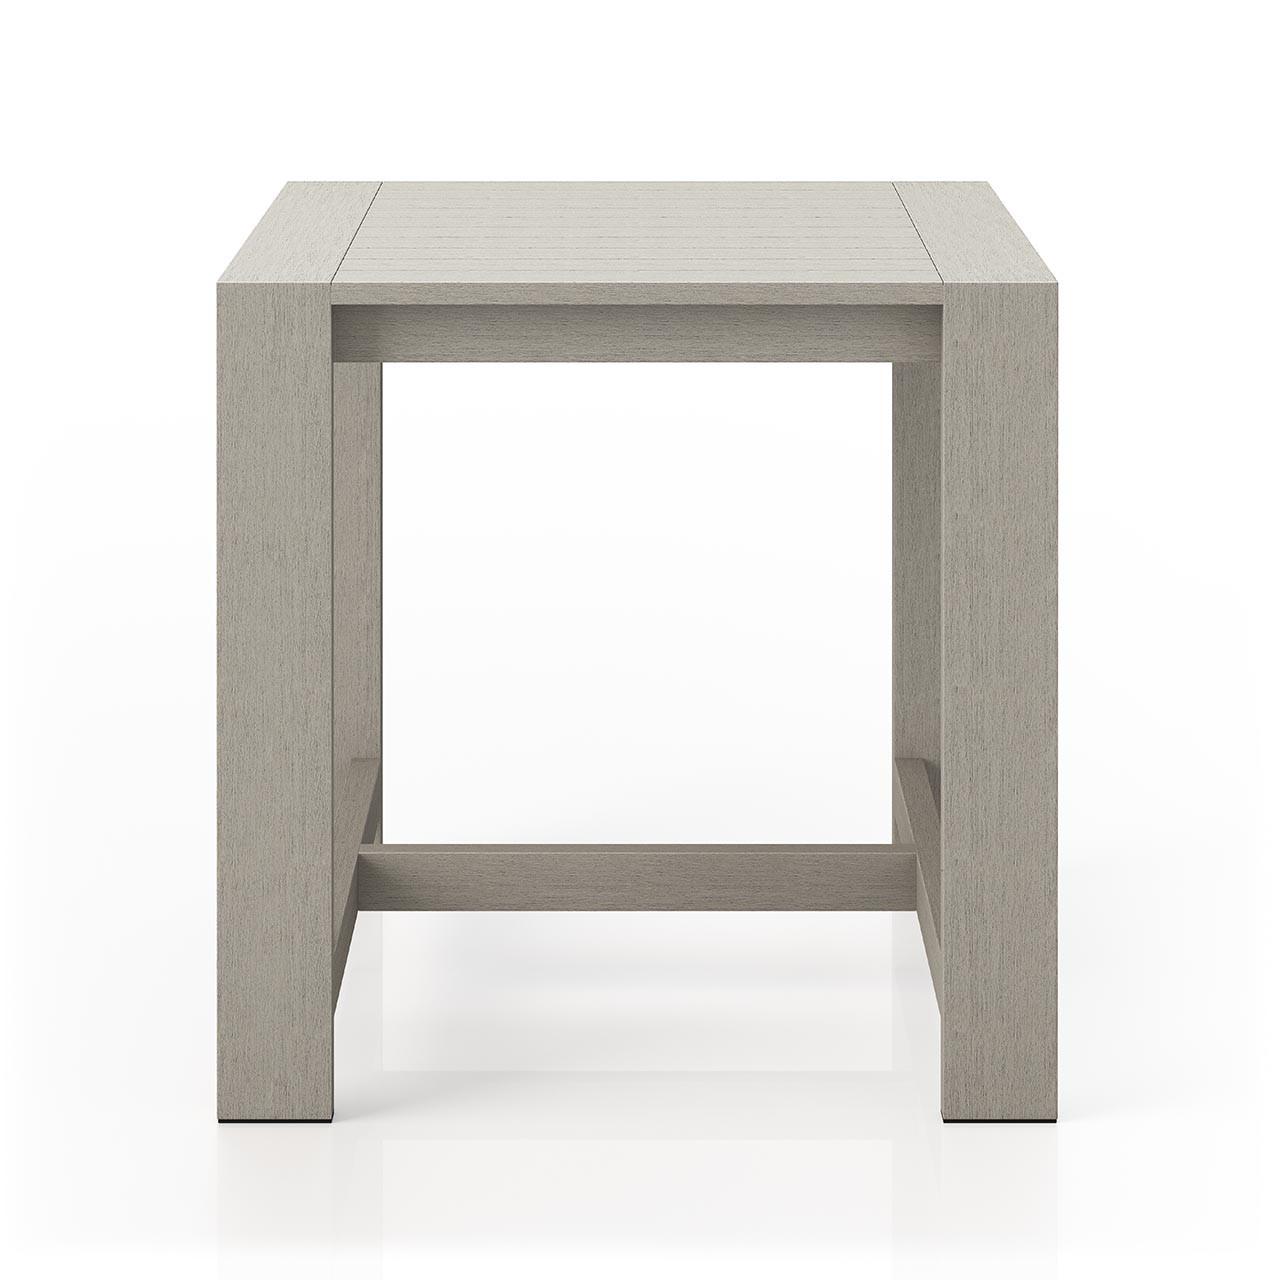 Montel Outdoor Bar & Counter Table